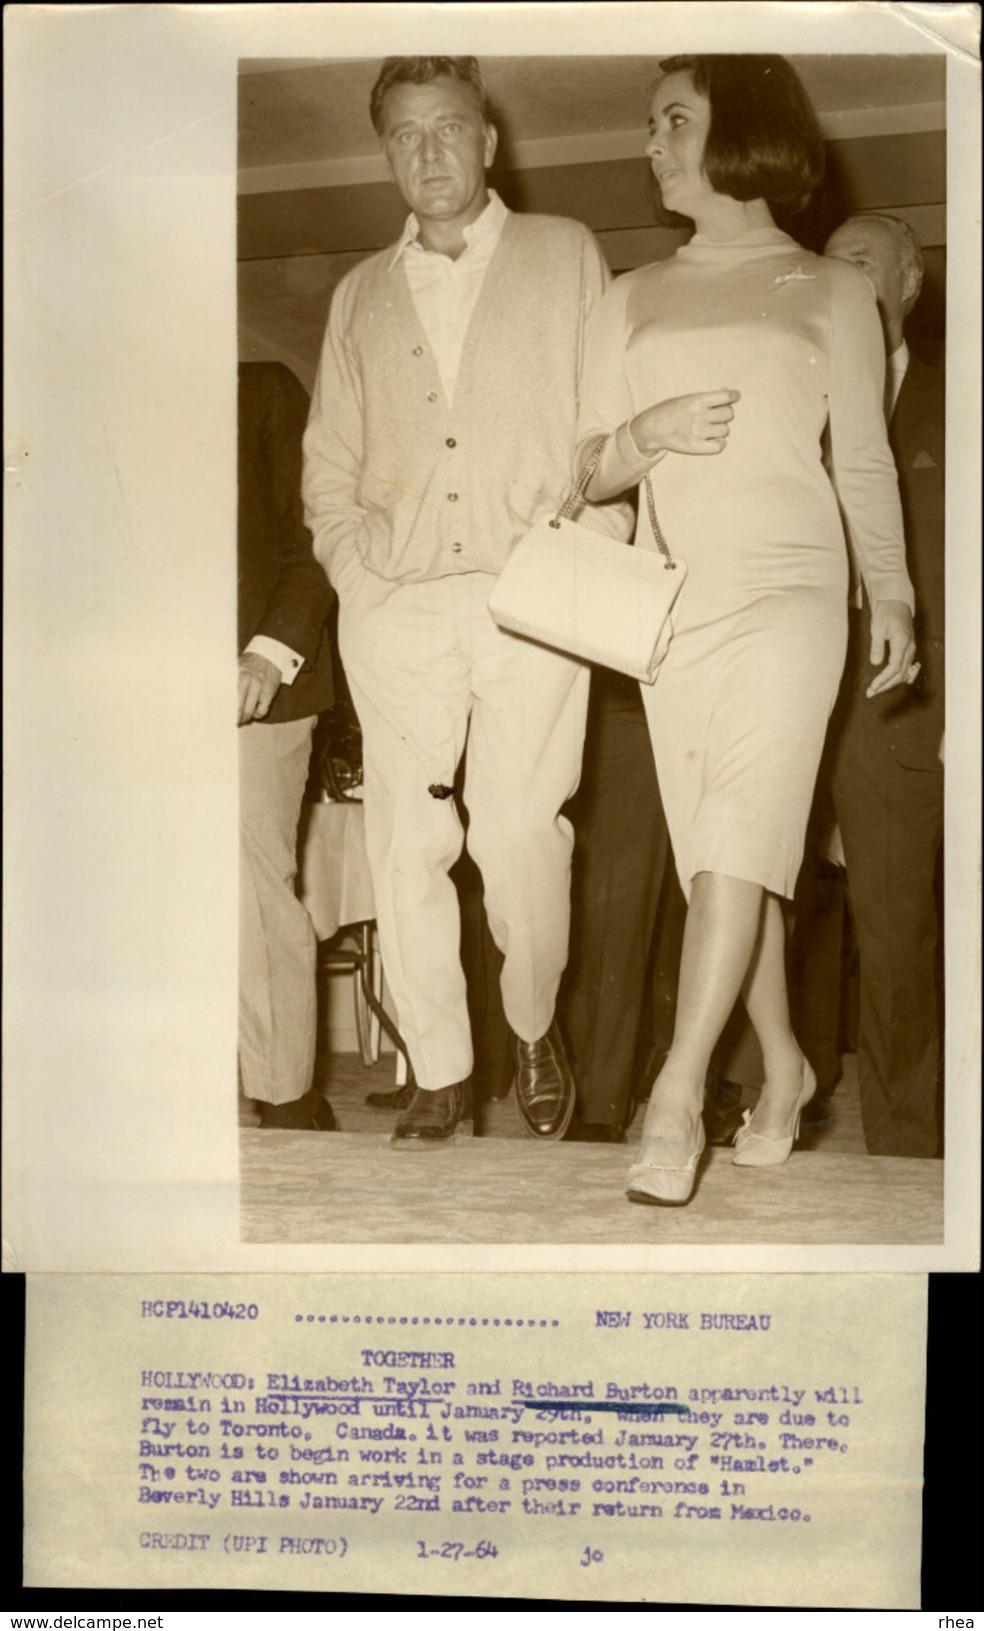 PHOTO - Photo De Presse - LIZ TAYLOR - Actrice - RICHARD BURTON - 1964 - Célébrités